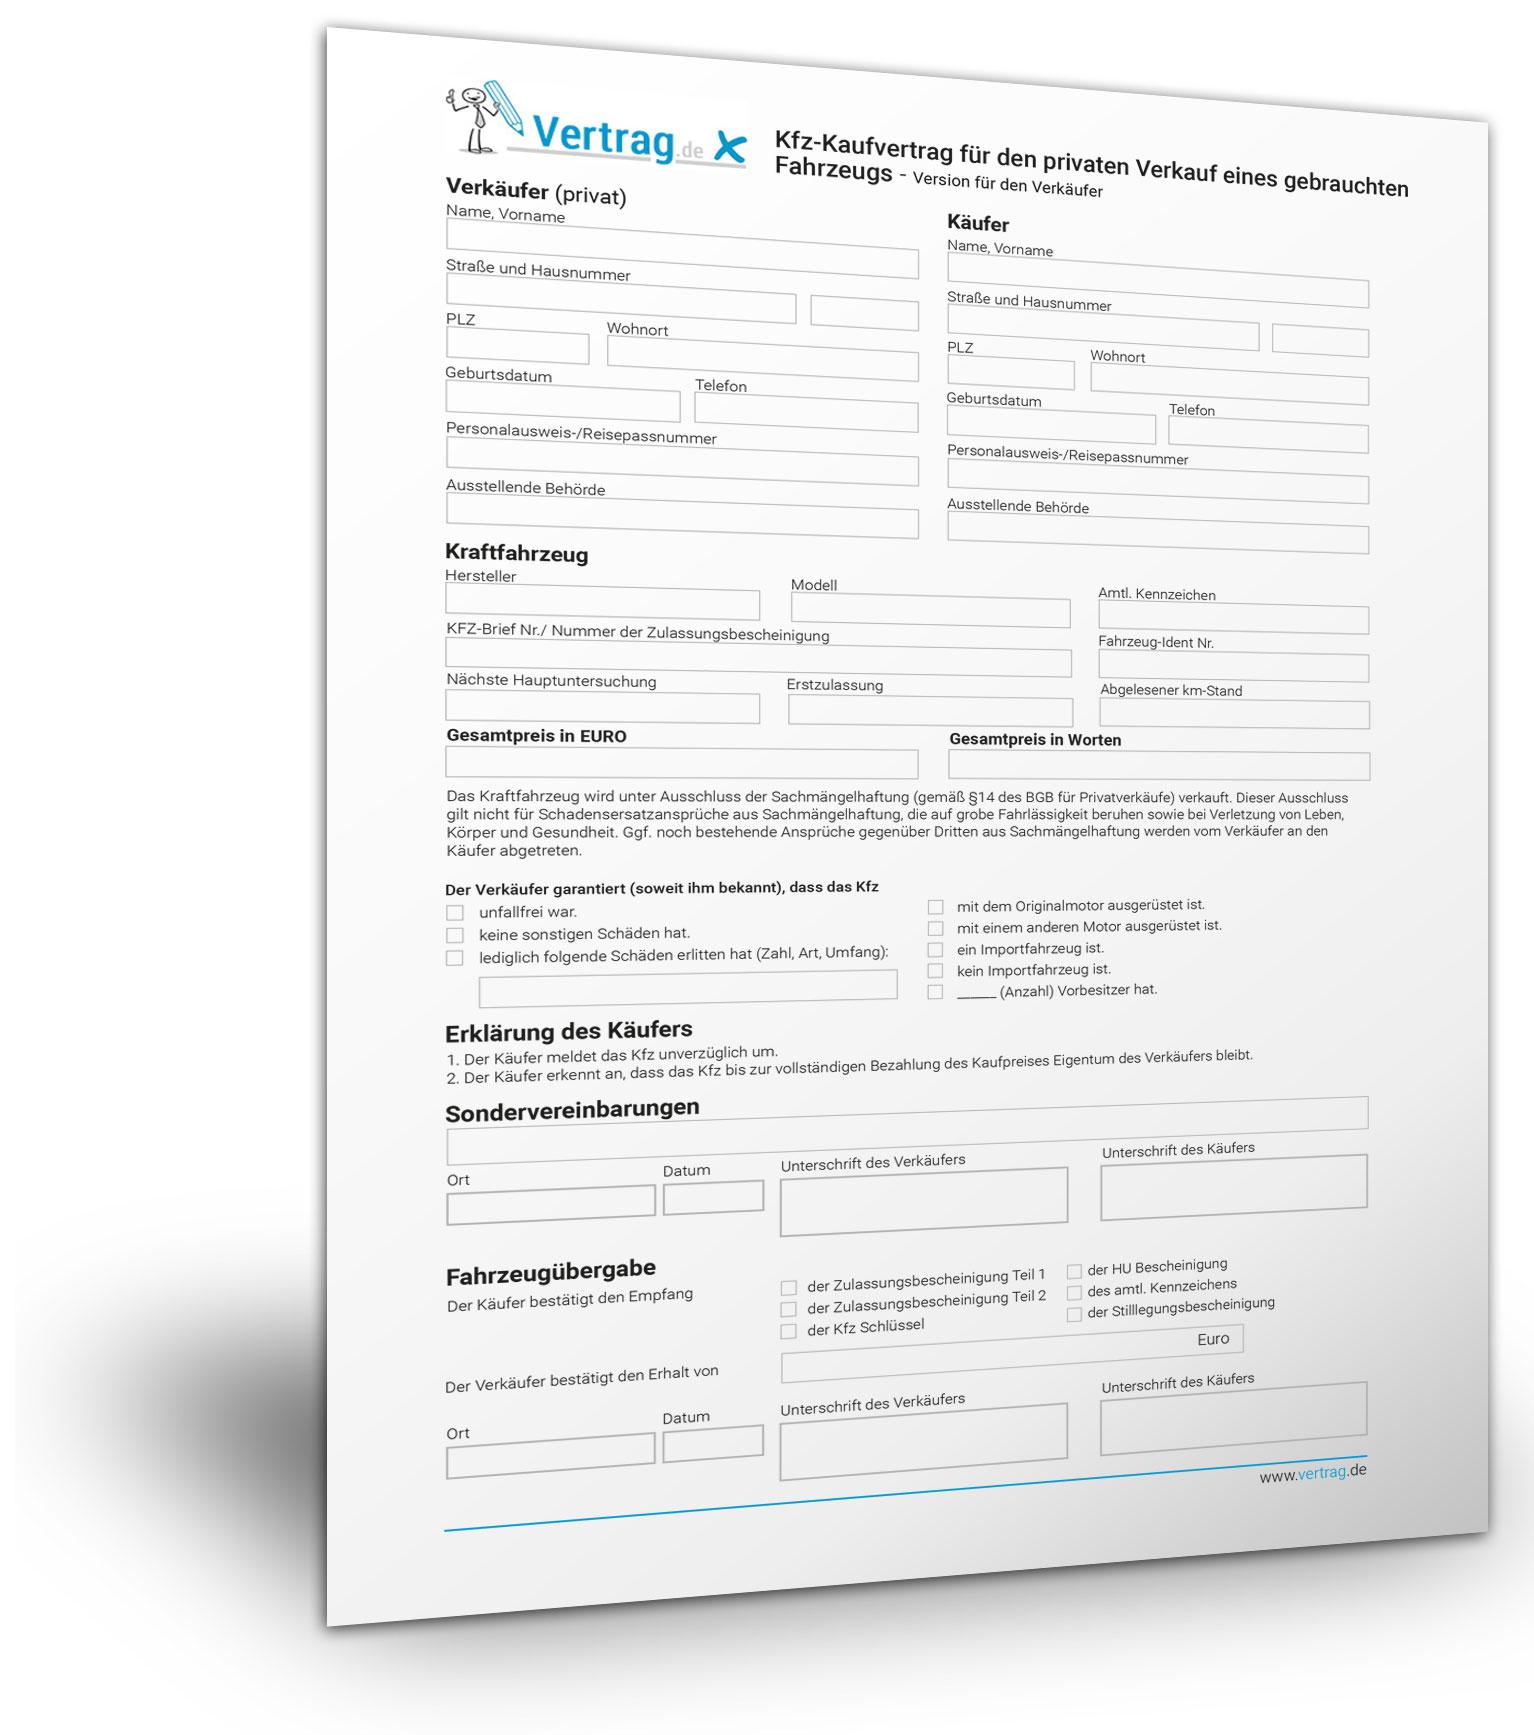 kostenlose vorlage fr einen kfz kaufvertrag - Vorvertrag Grundstuckskauf Muster Kostenlos